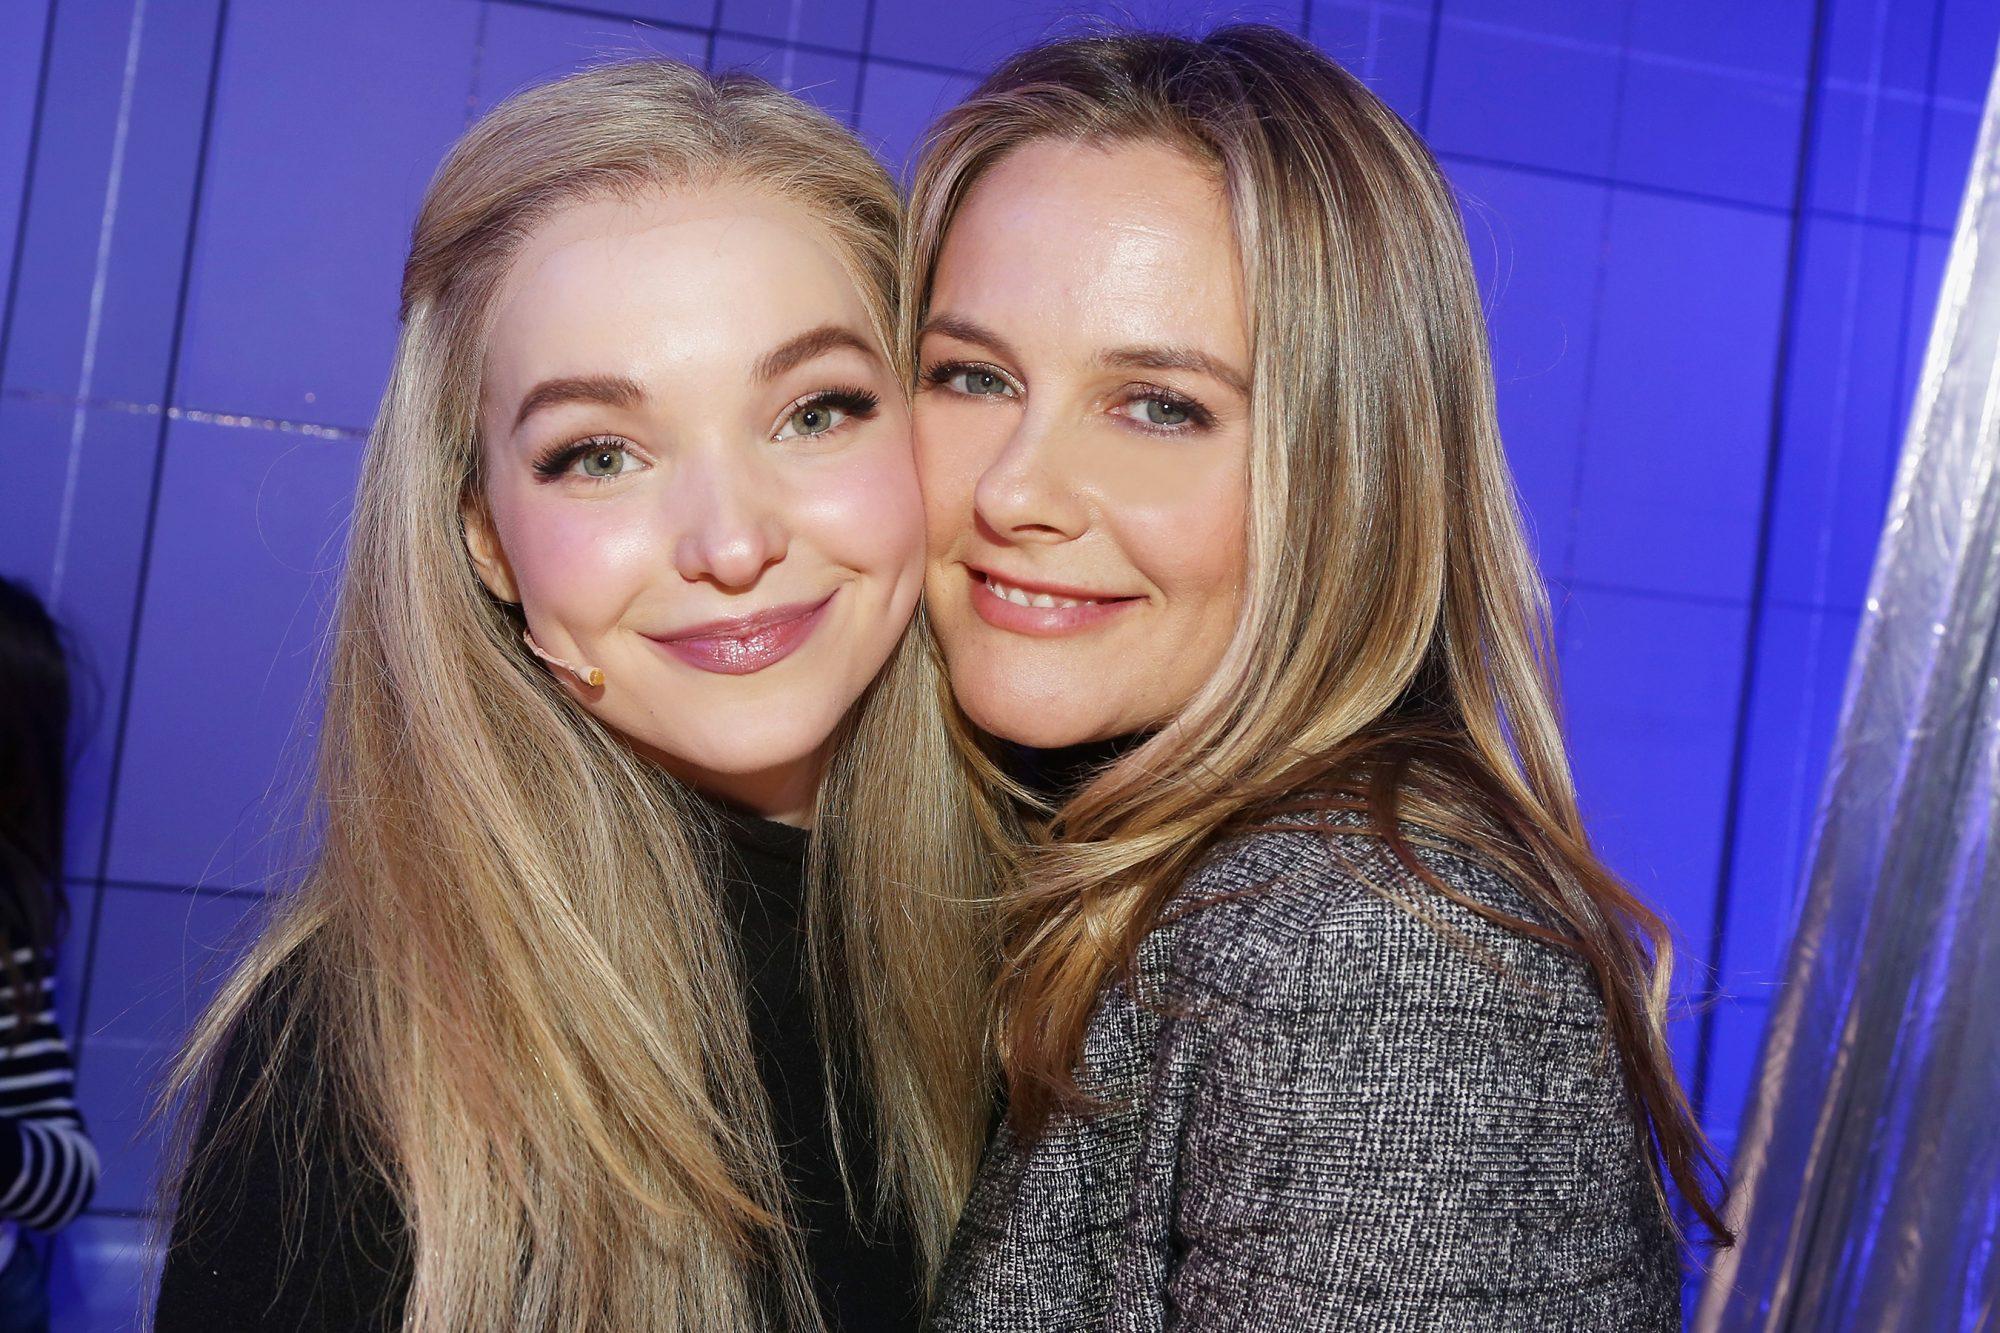 Celebrities Visit Broadway - December 18, 2018